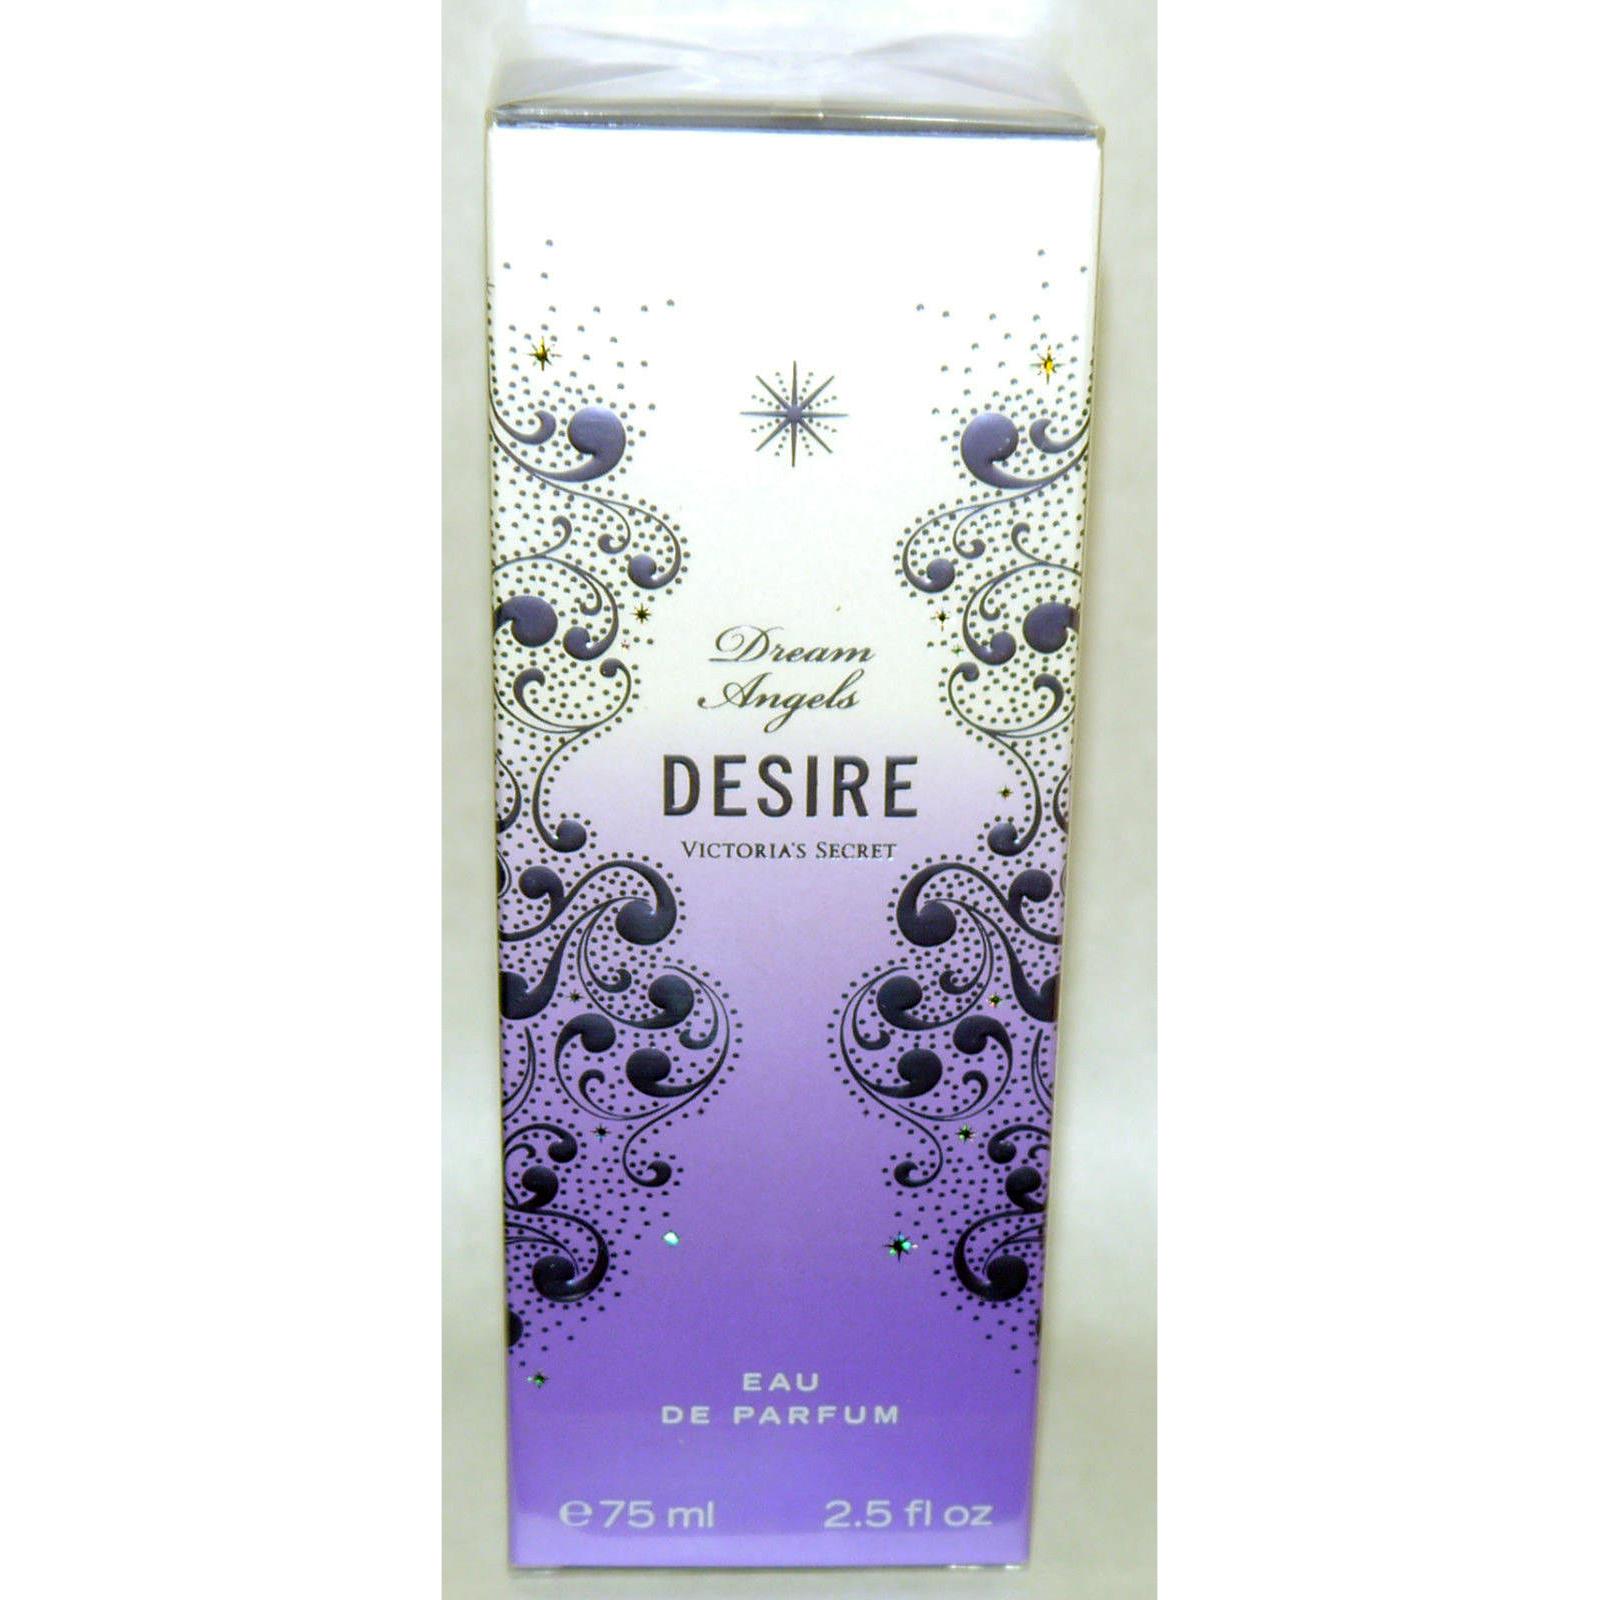 Victoria's Secret Dream Angels DESIRE Eau De Parfum Spray 2.5 oz 13219